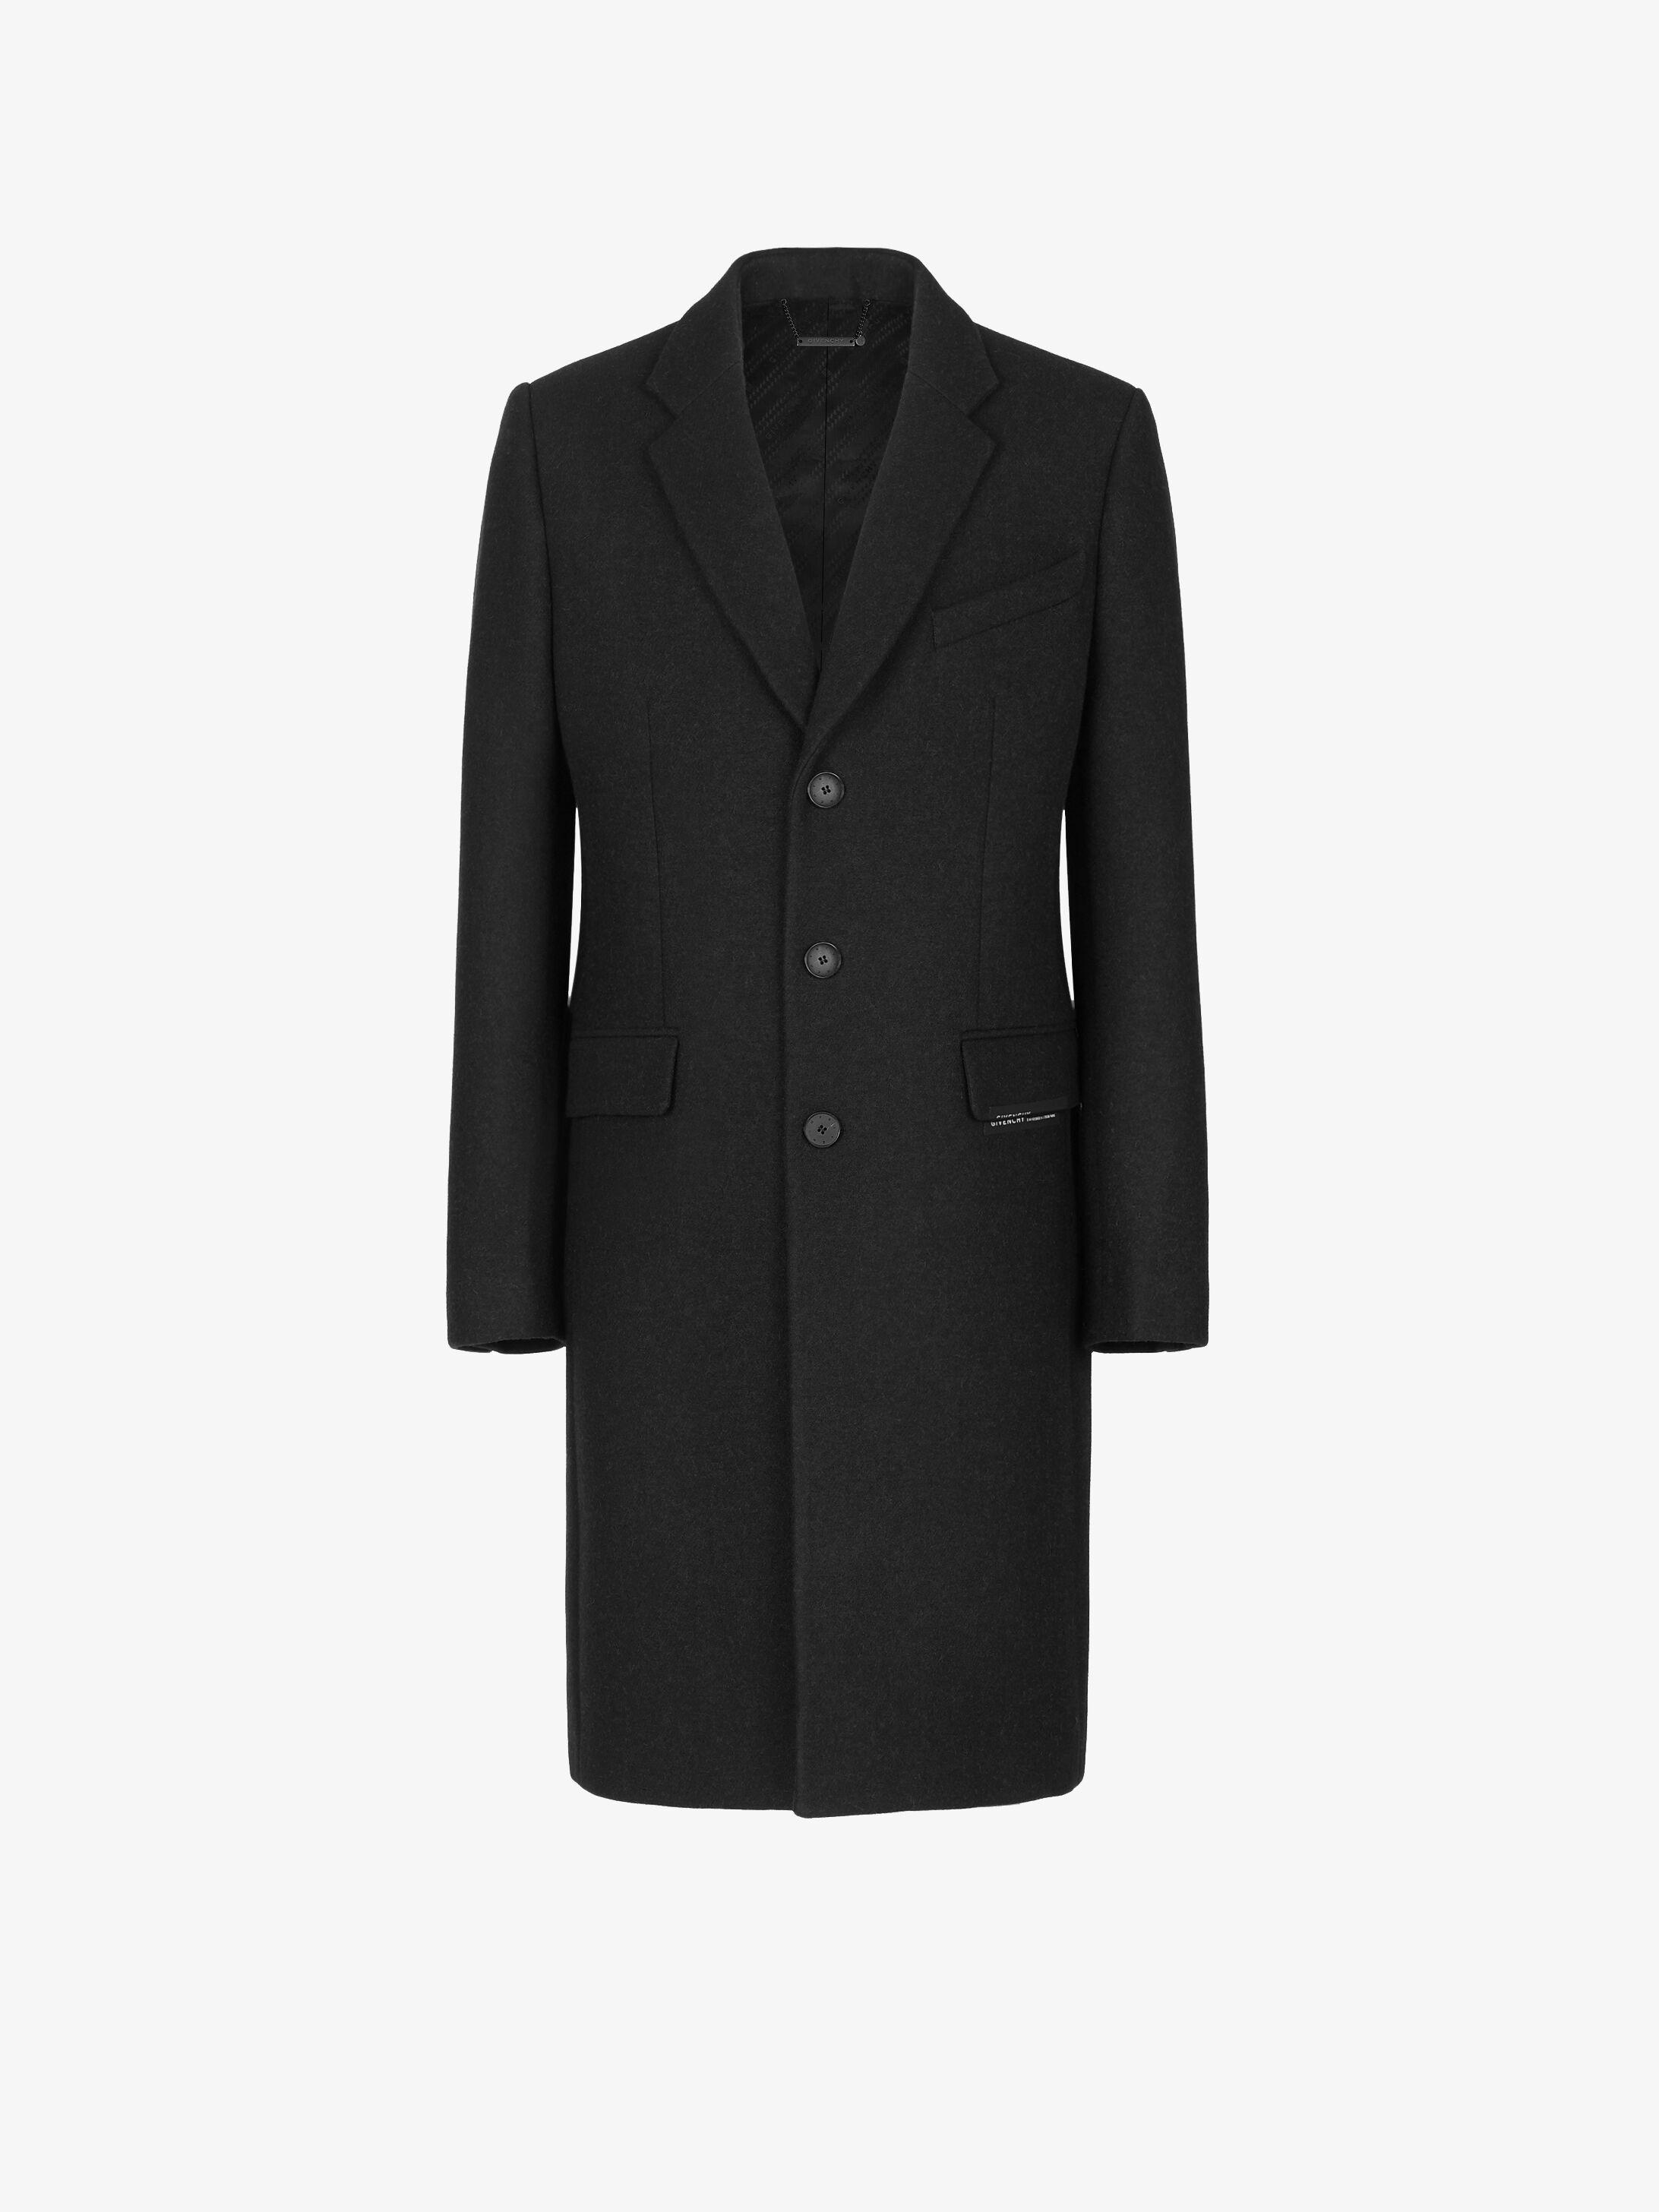 La collection Manteaux Homme par Givenchy. | GIVENCHY Paris